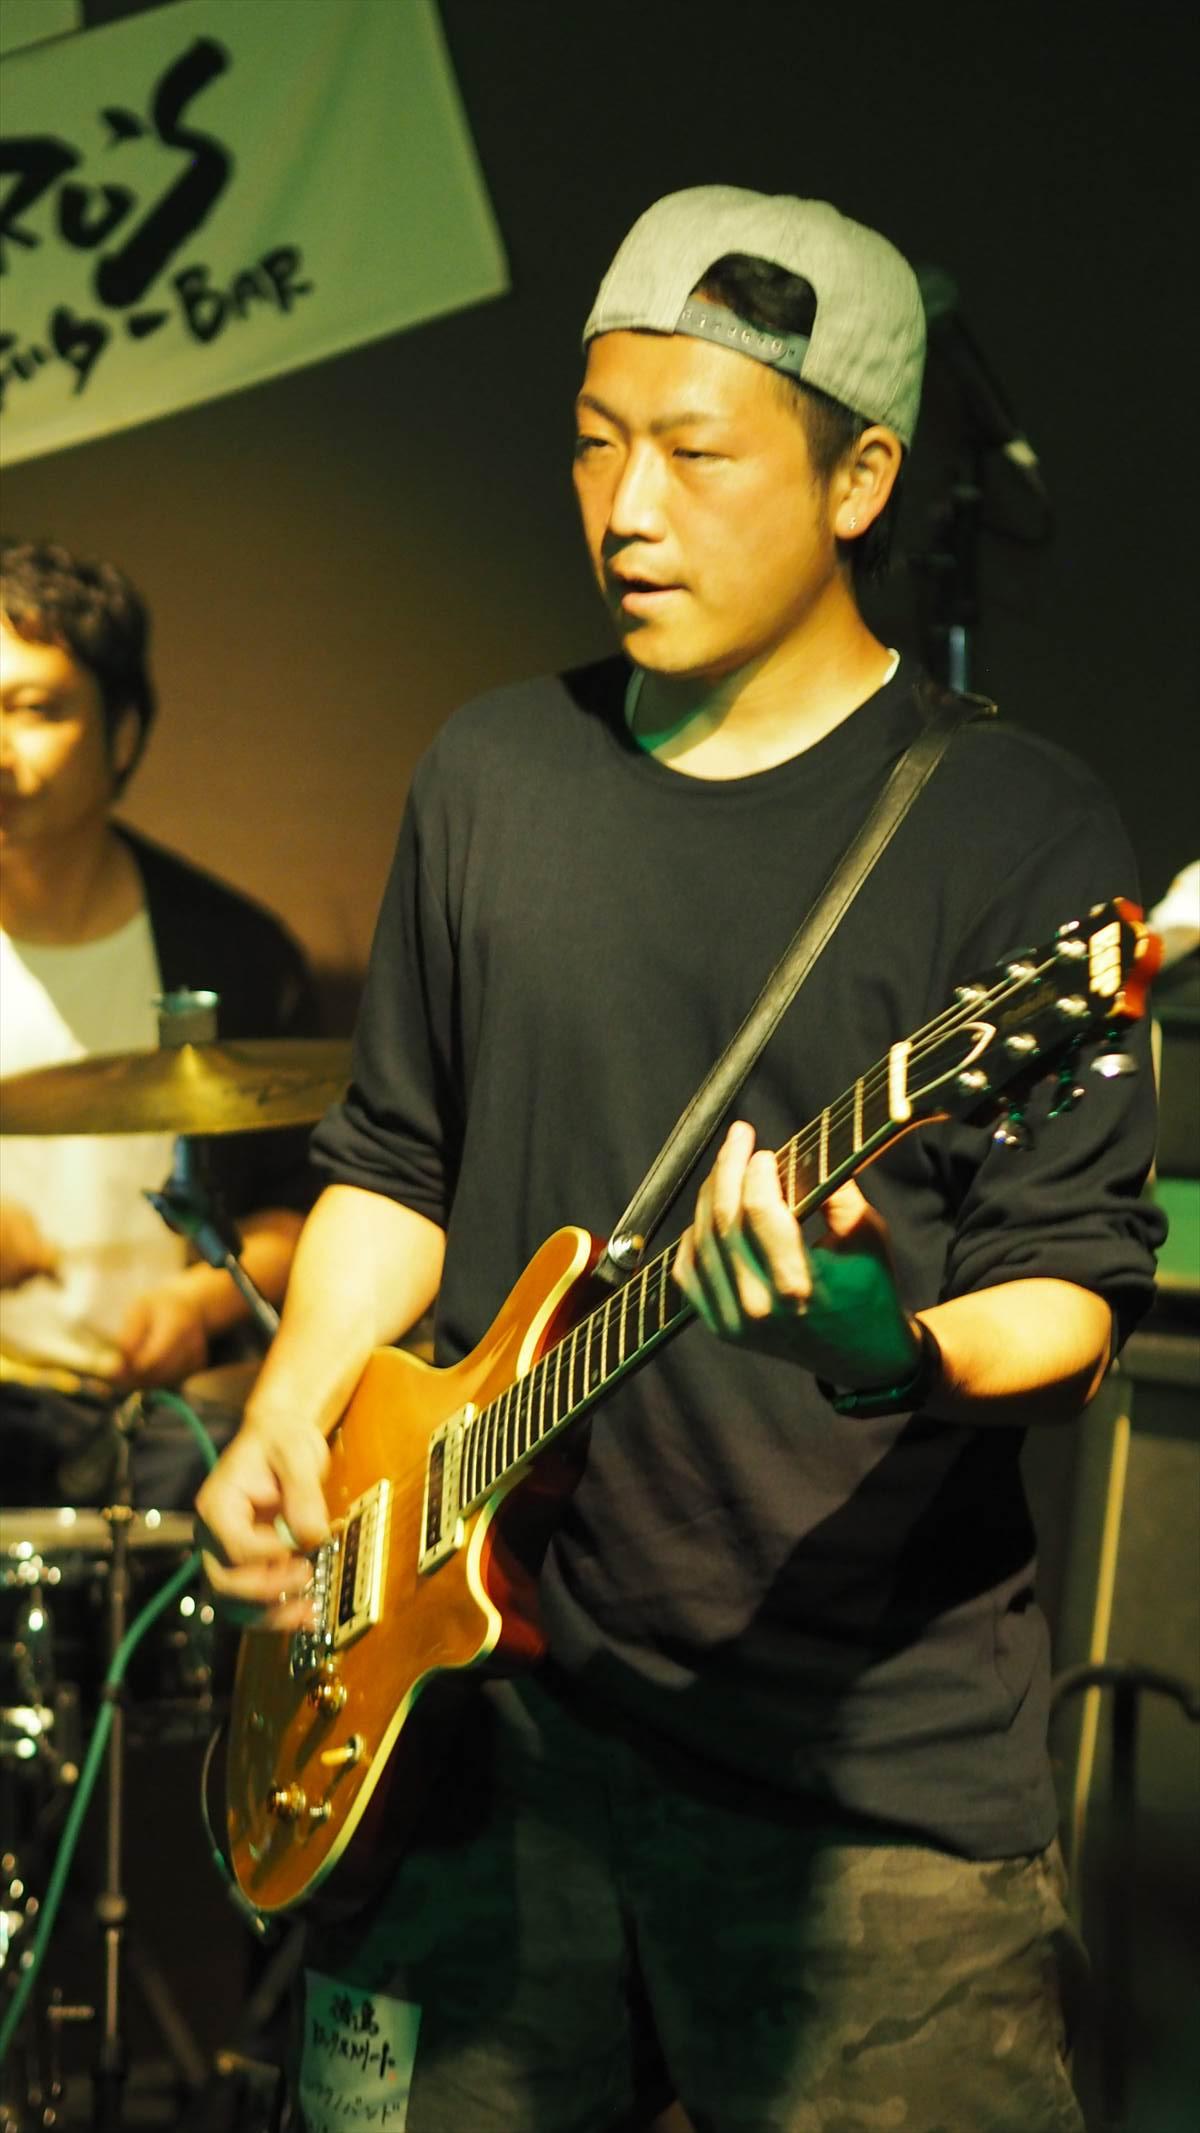 徳島ロックストリート vol.17 2019年9月29日 シフクノバンドin JIRO'SギターBAR